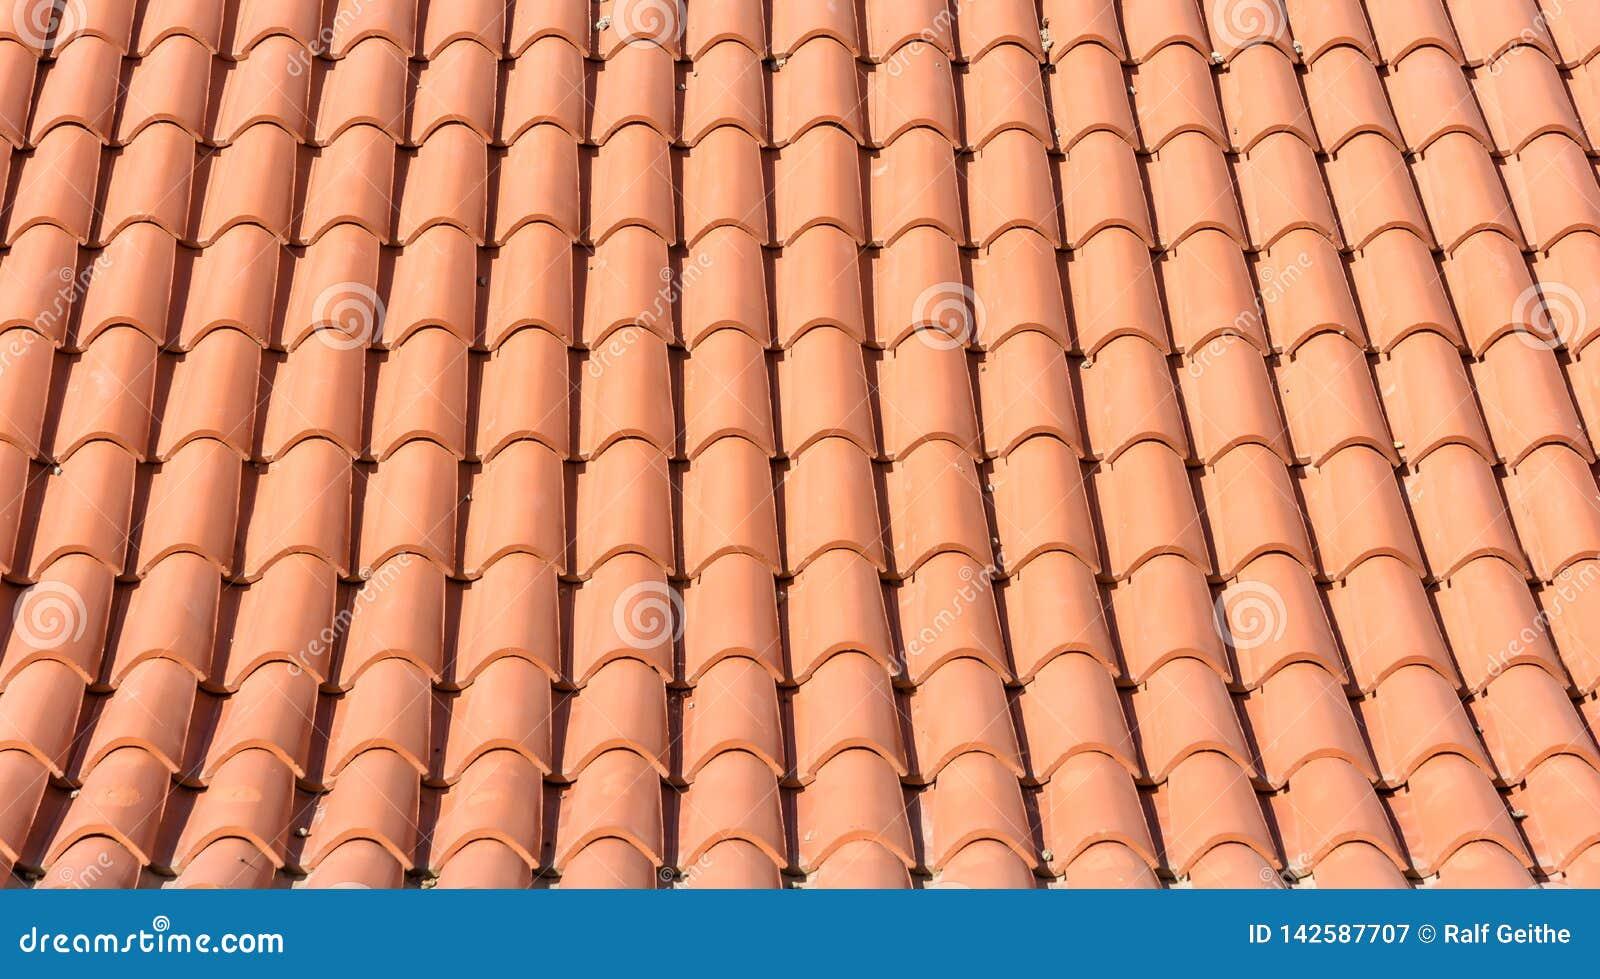 Текстура оранжевых черепиц новой крыши